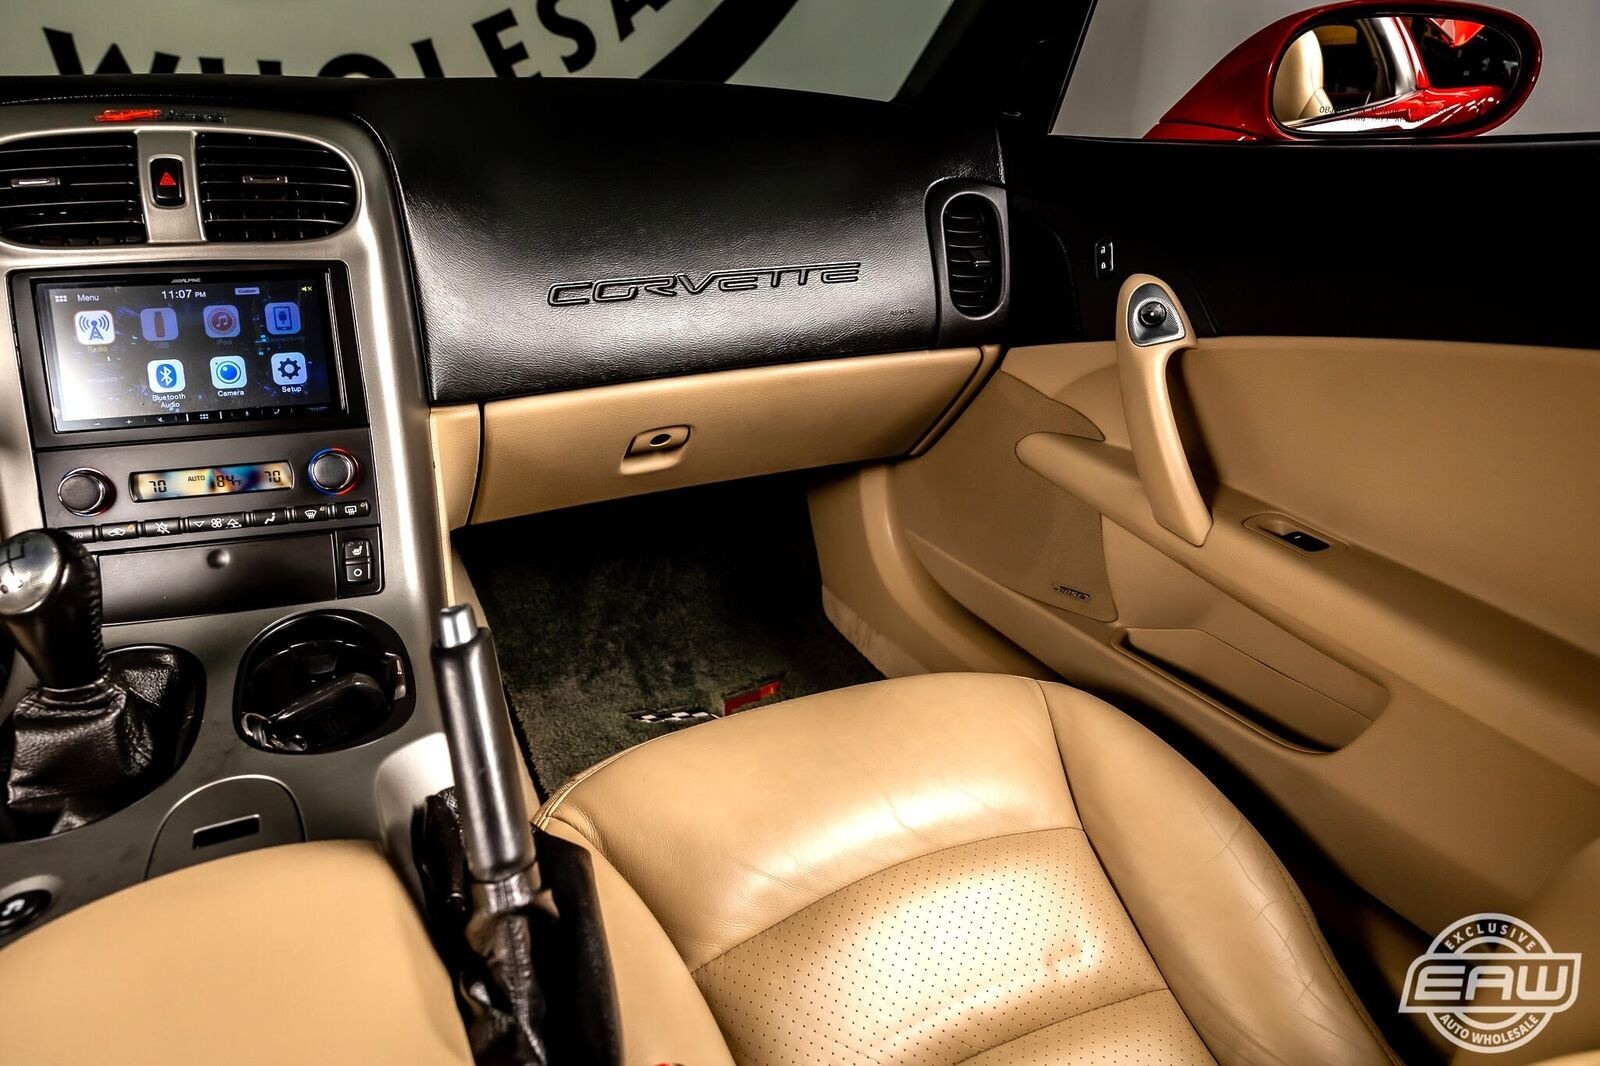 2005 Red Chevrolet Corvette Coupe  | C6 Corvette Photo 8